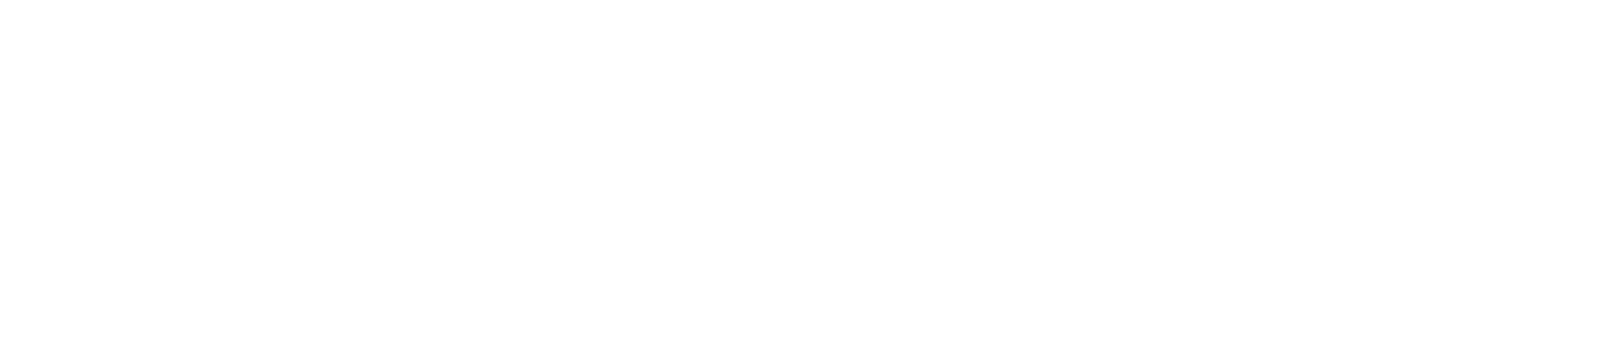 TravelMag.com 07/05/2021